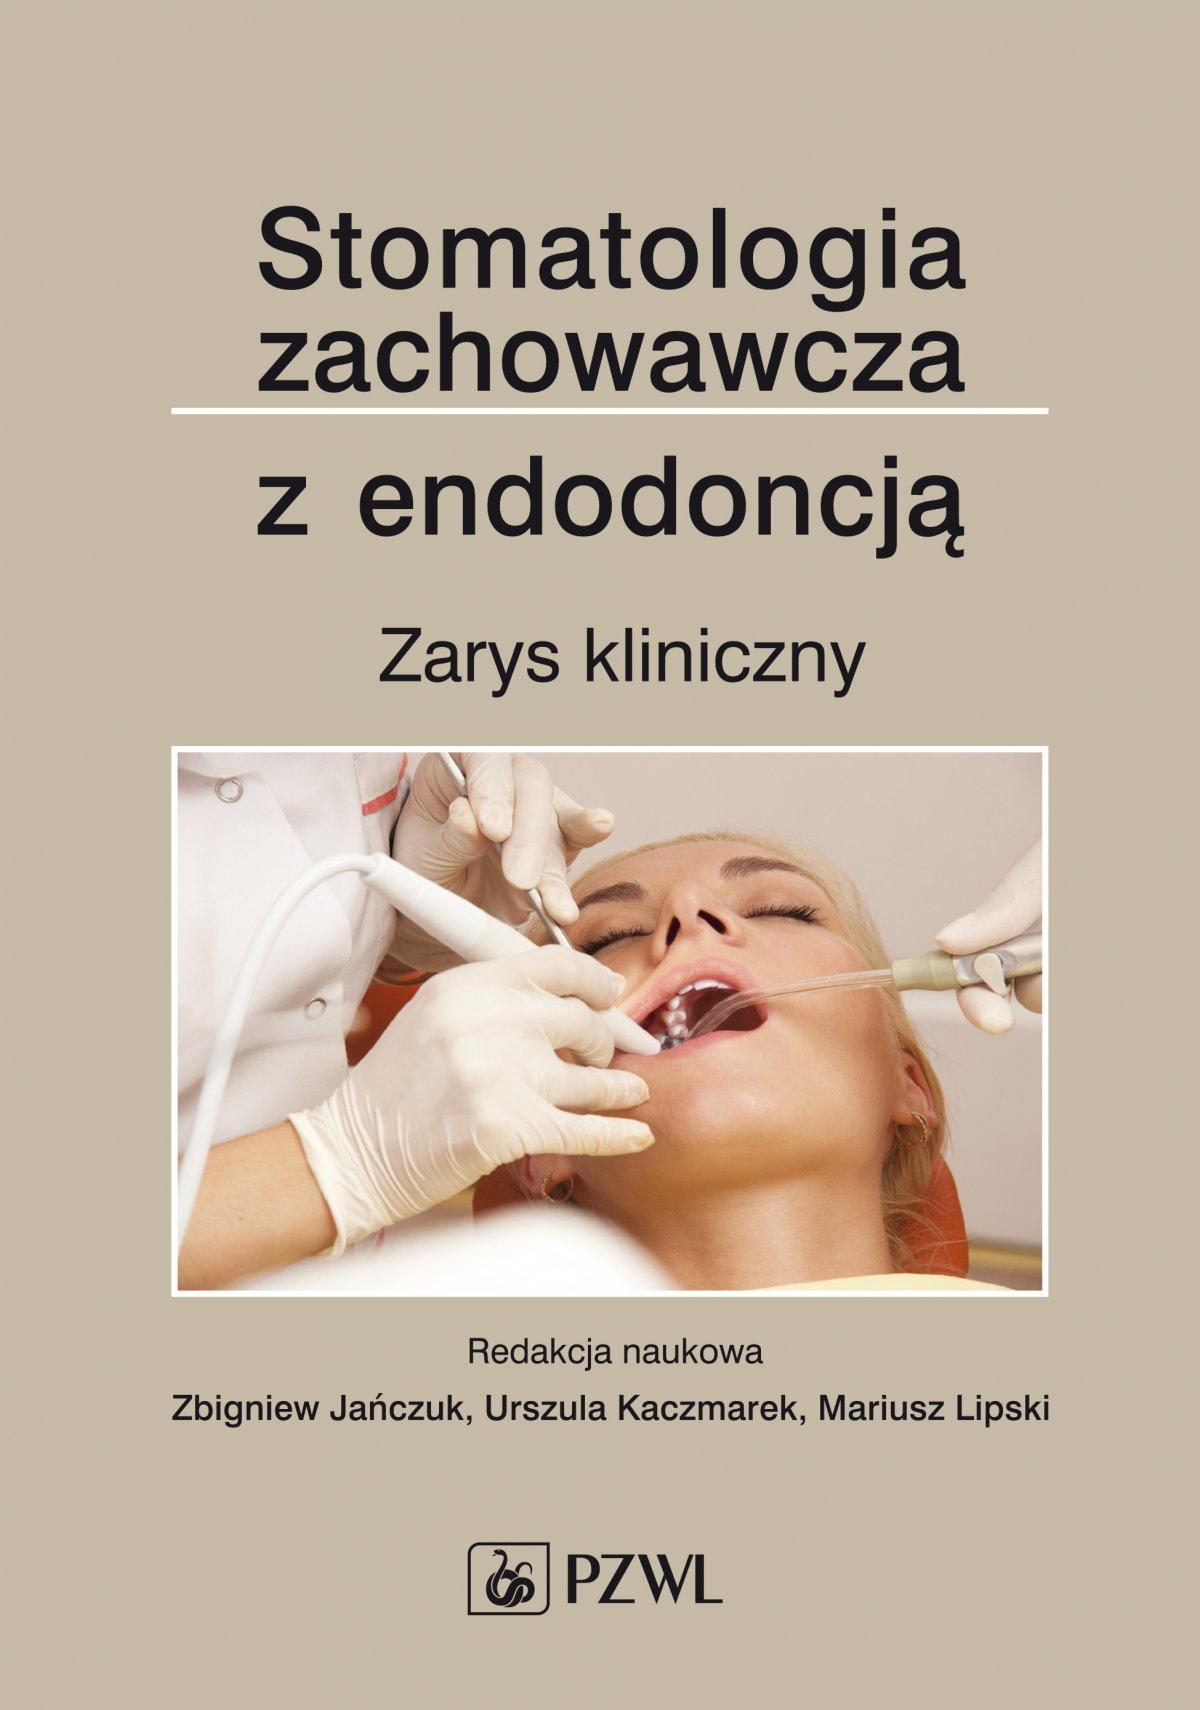 Stomatologia zachowawcza z endodoncją. Zarys kliniczny - Ebook (Książka EPUB) do pobrania w formacie EPUB